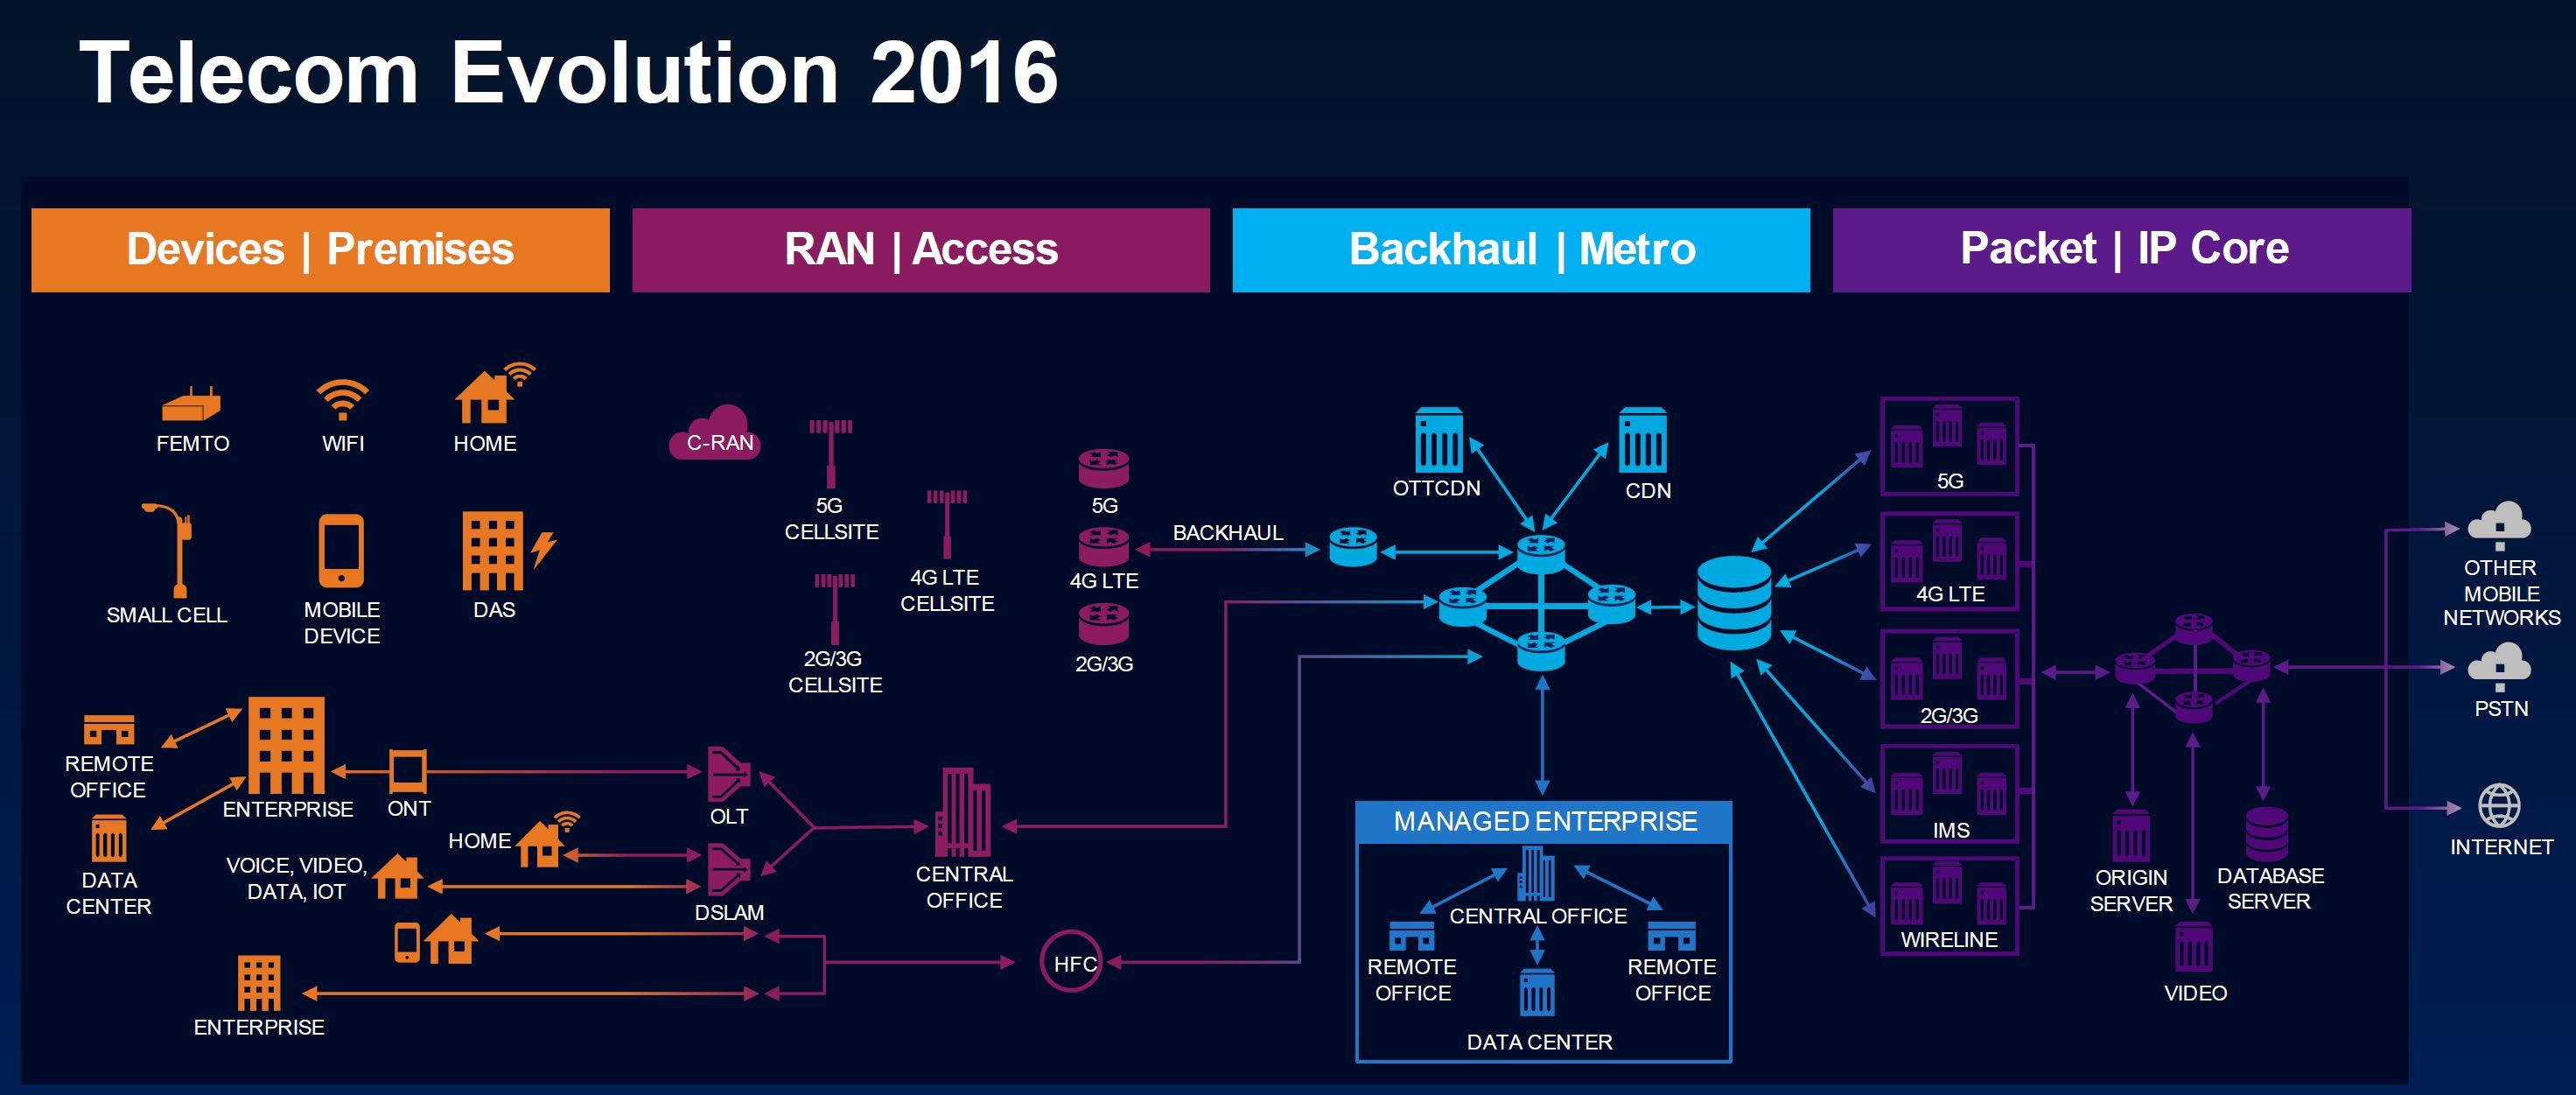 Telecoms Evolution 2016